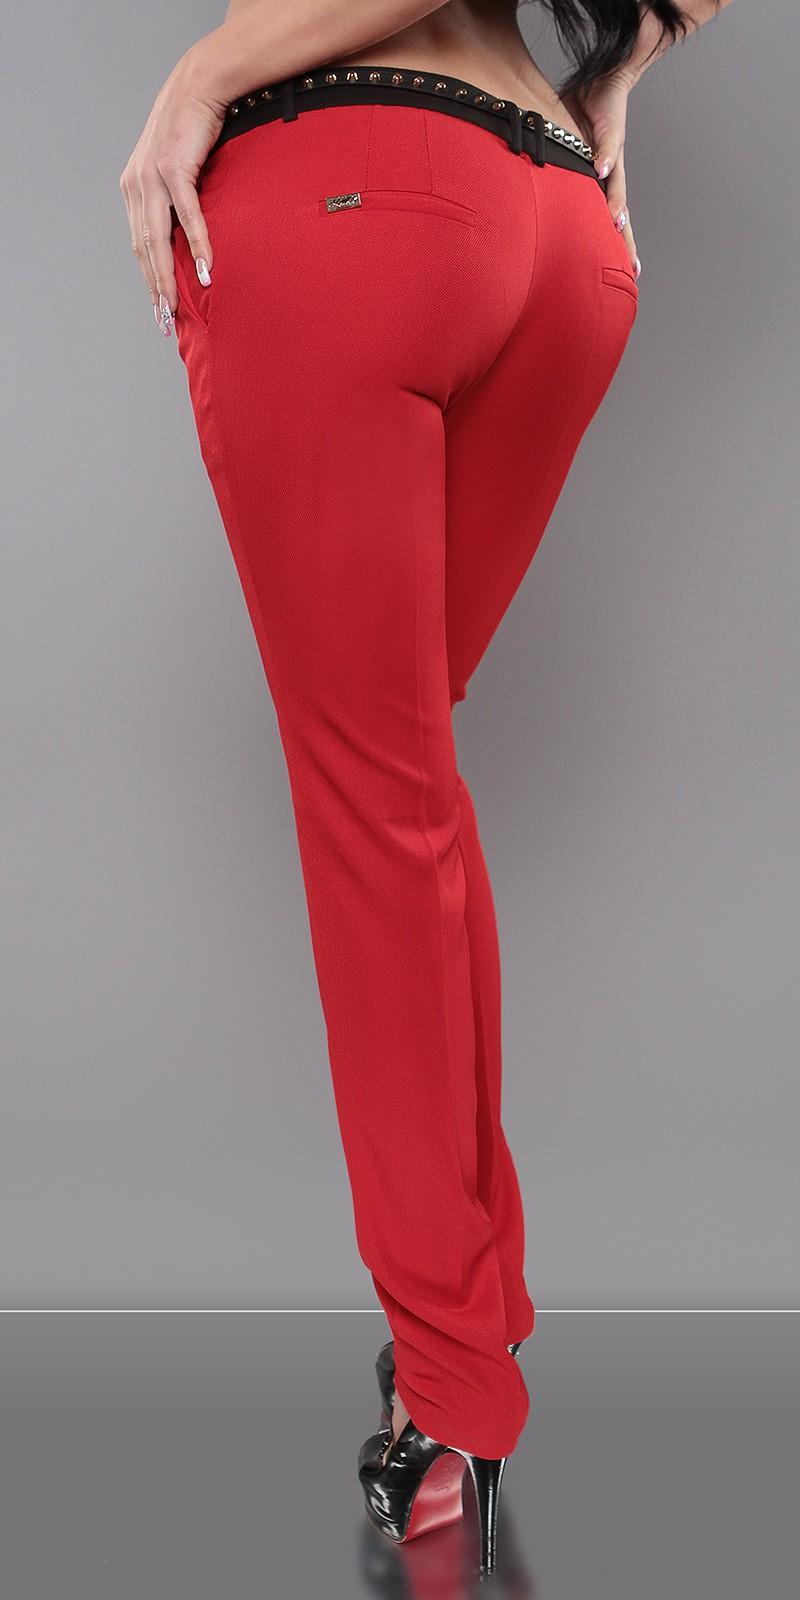 Elegáns női kosztüm nadrág övvel - Piros (40-42). Az Ön értékelése  f855be0f6e